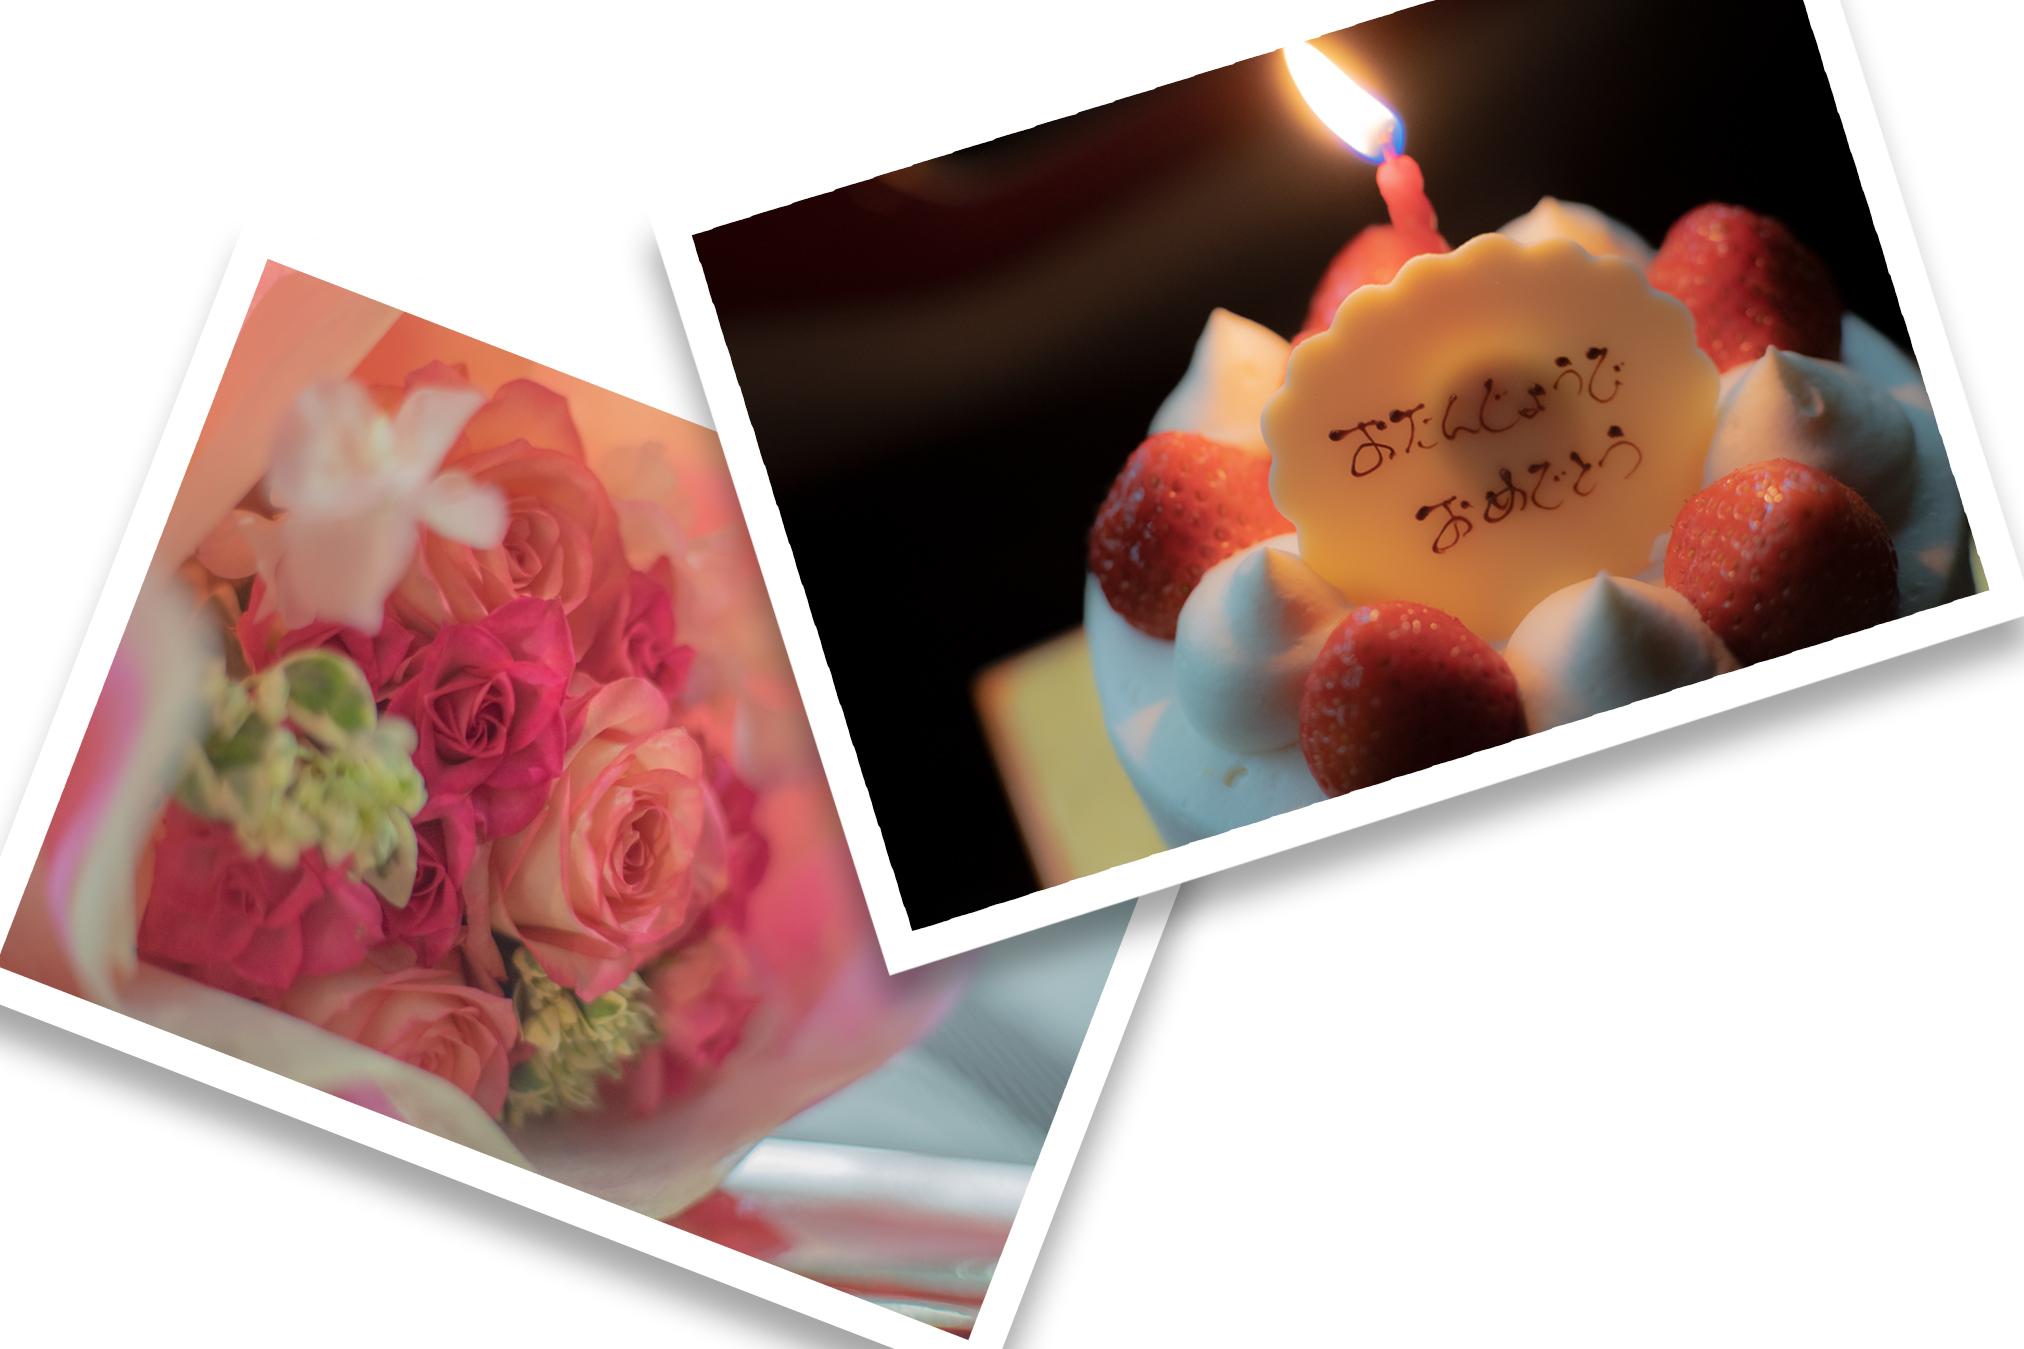 BLANC(ブラン)丸亀店の誕生日ケーキと津島花店のブーケ